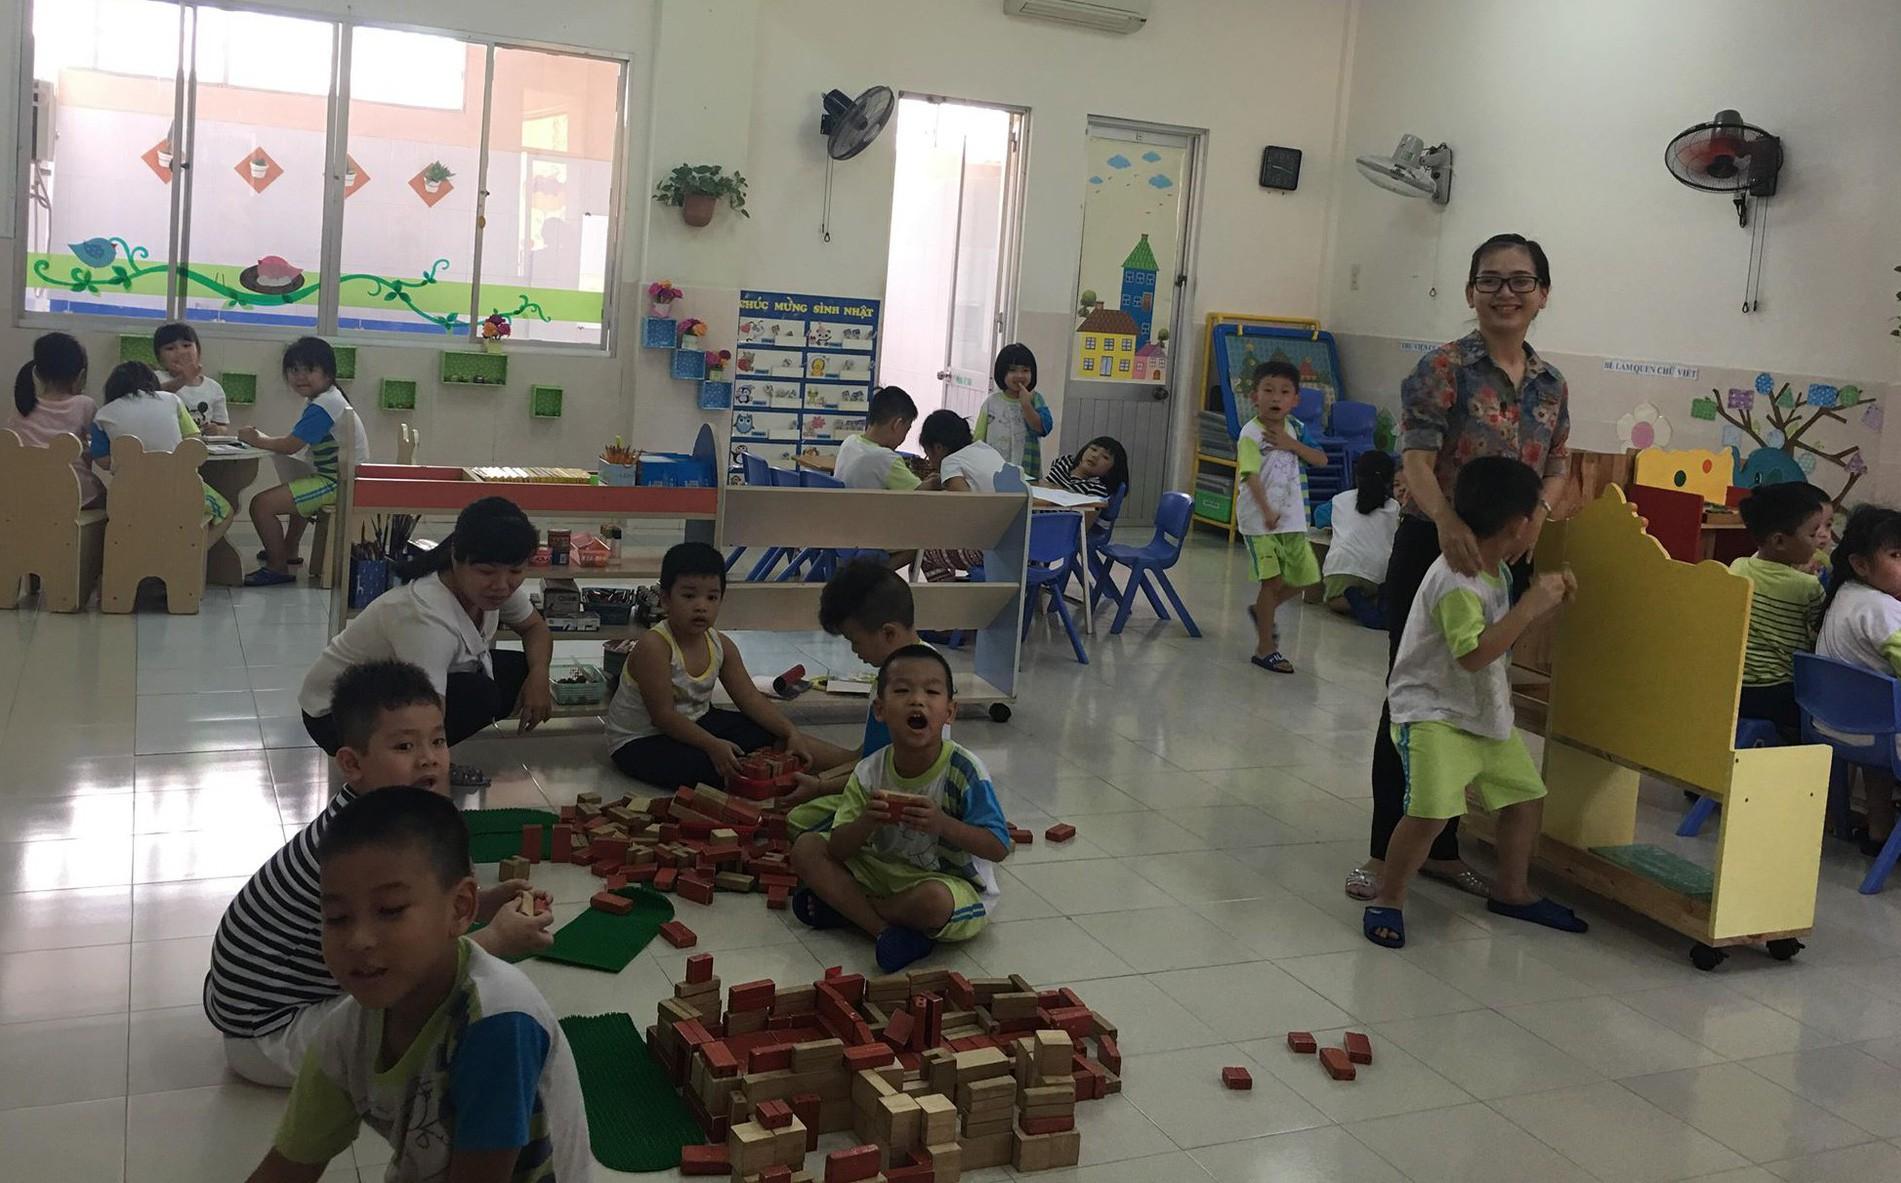 Đình chỉ giáo viên mầm non dọa nạt trẻ ở Sài Gòn: